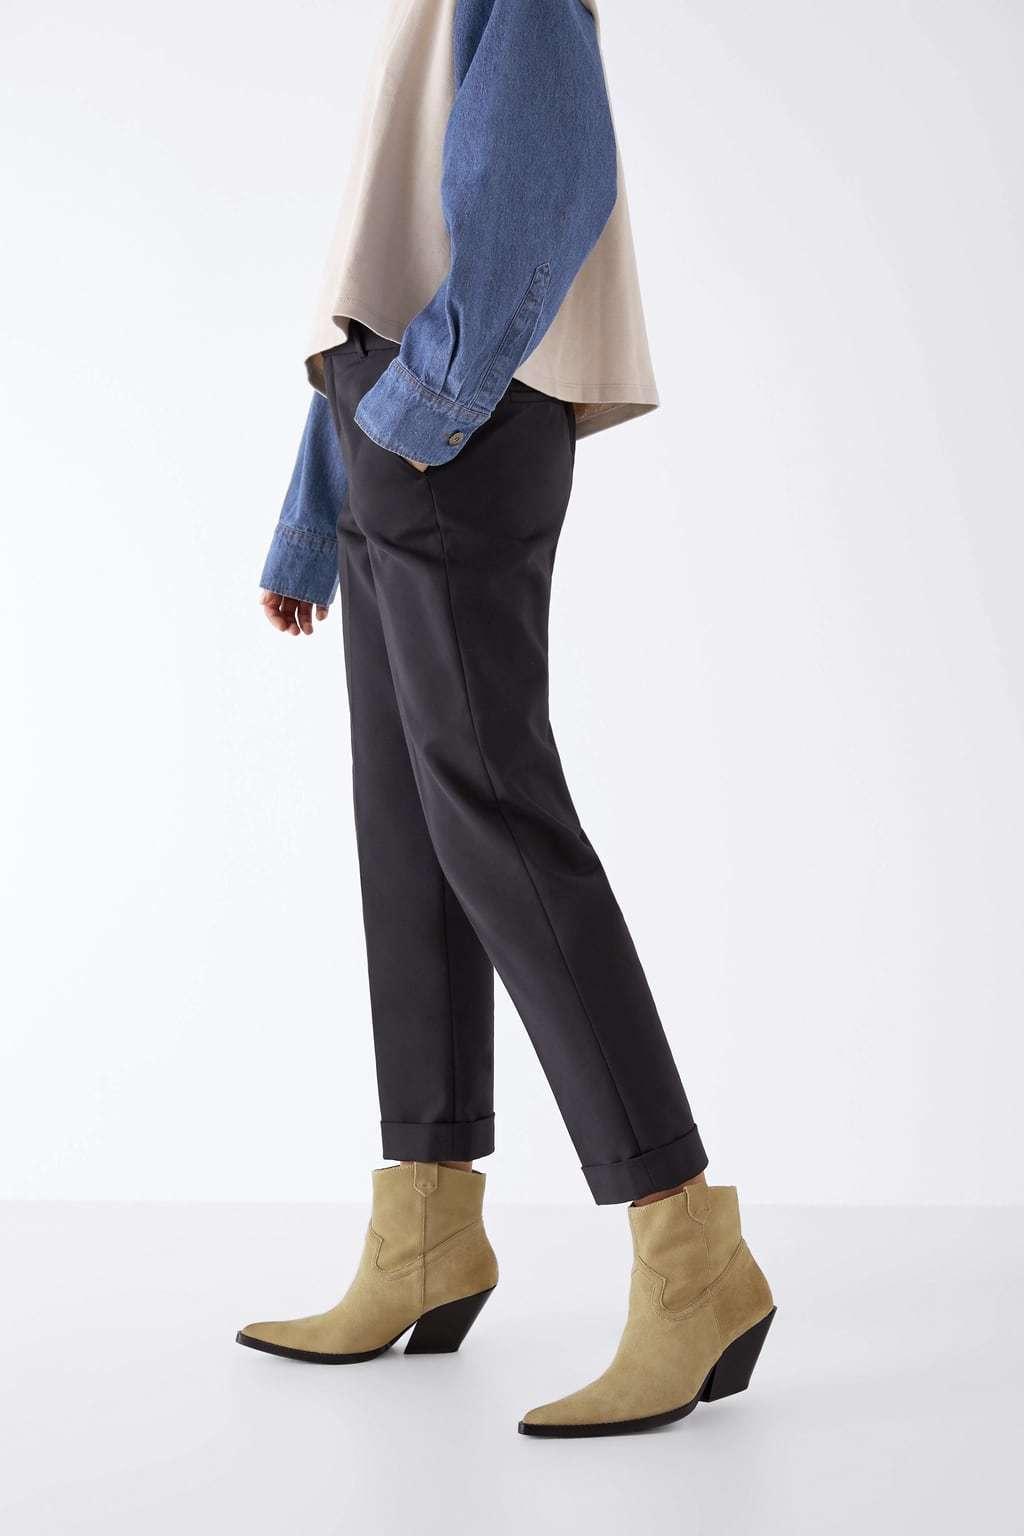 Botines de piel con tacón de color taupe, serraje con efecto envejecido en el corte y tacón cowboy, de Zara (59,95 euros).